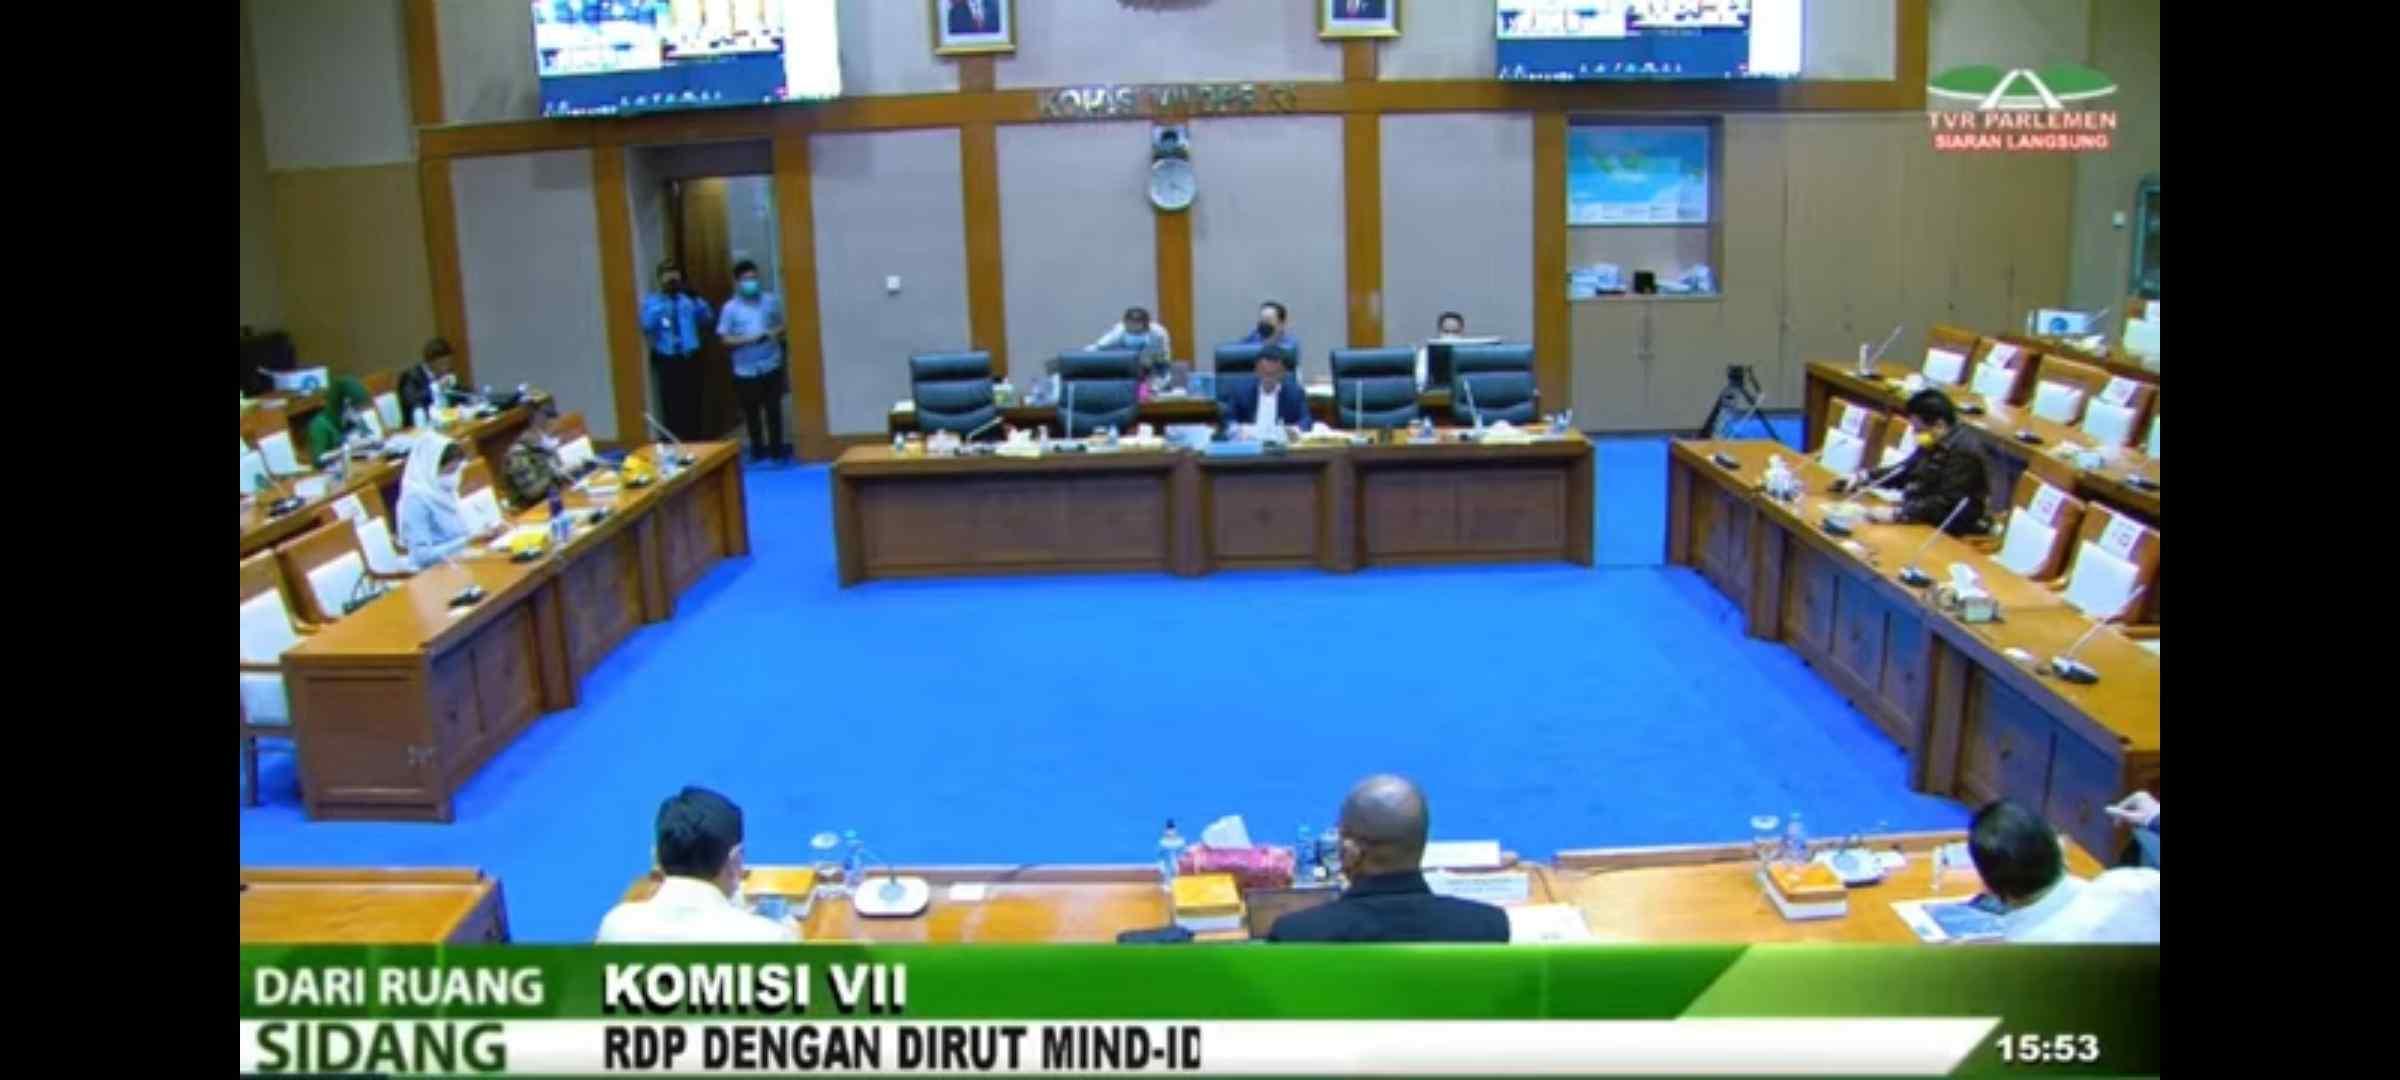 Komisi VII